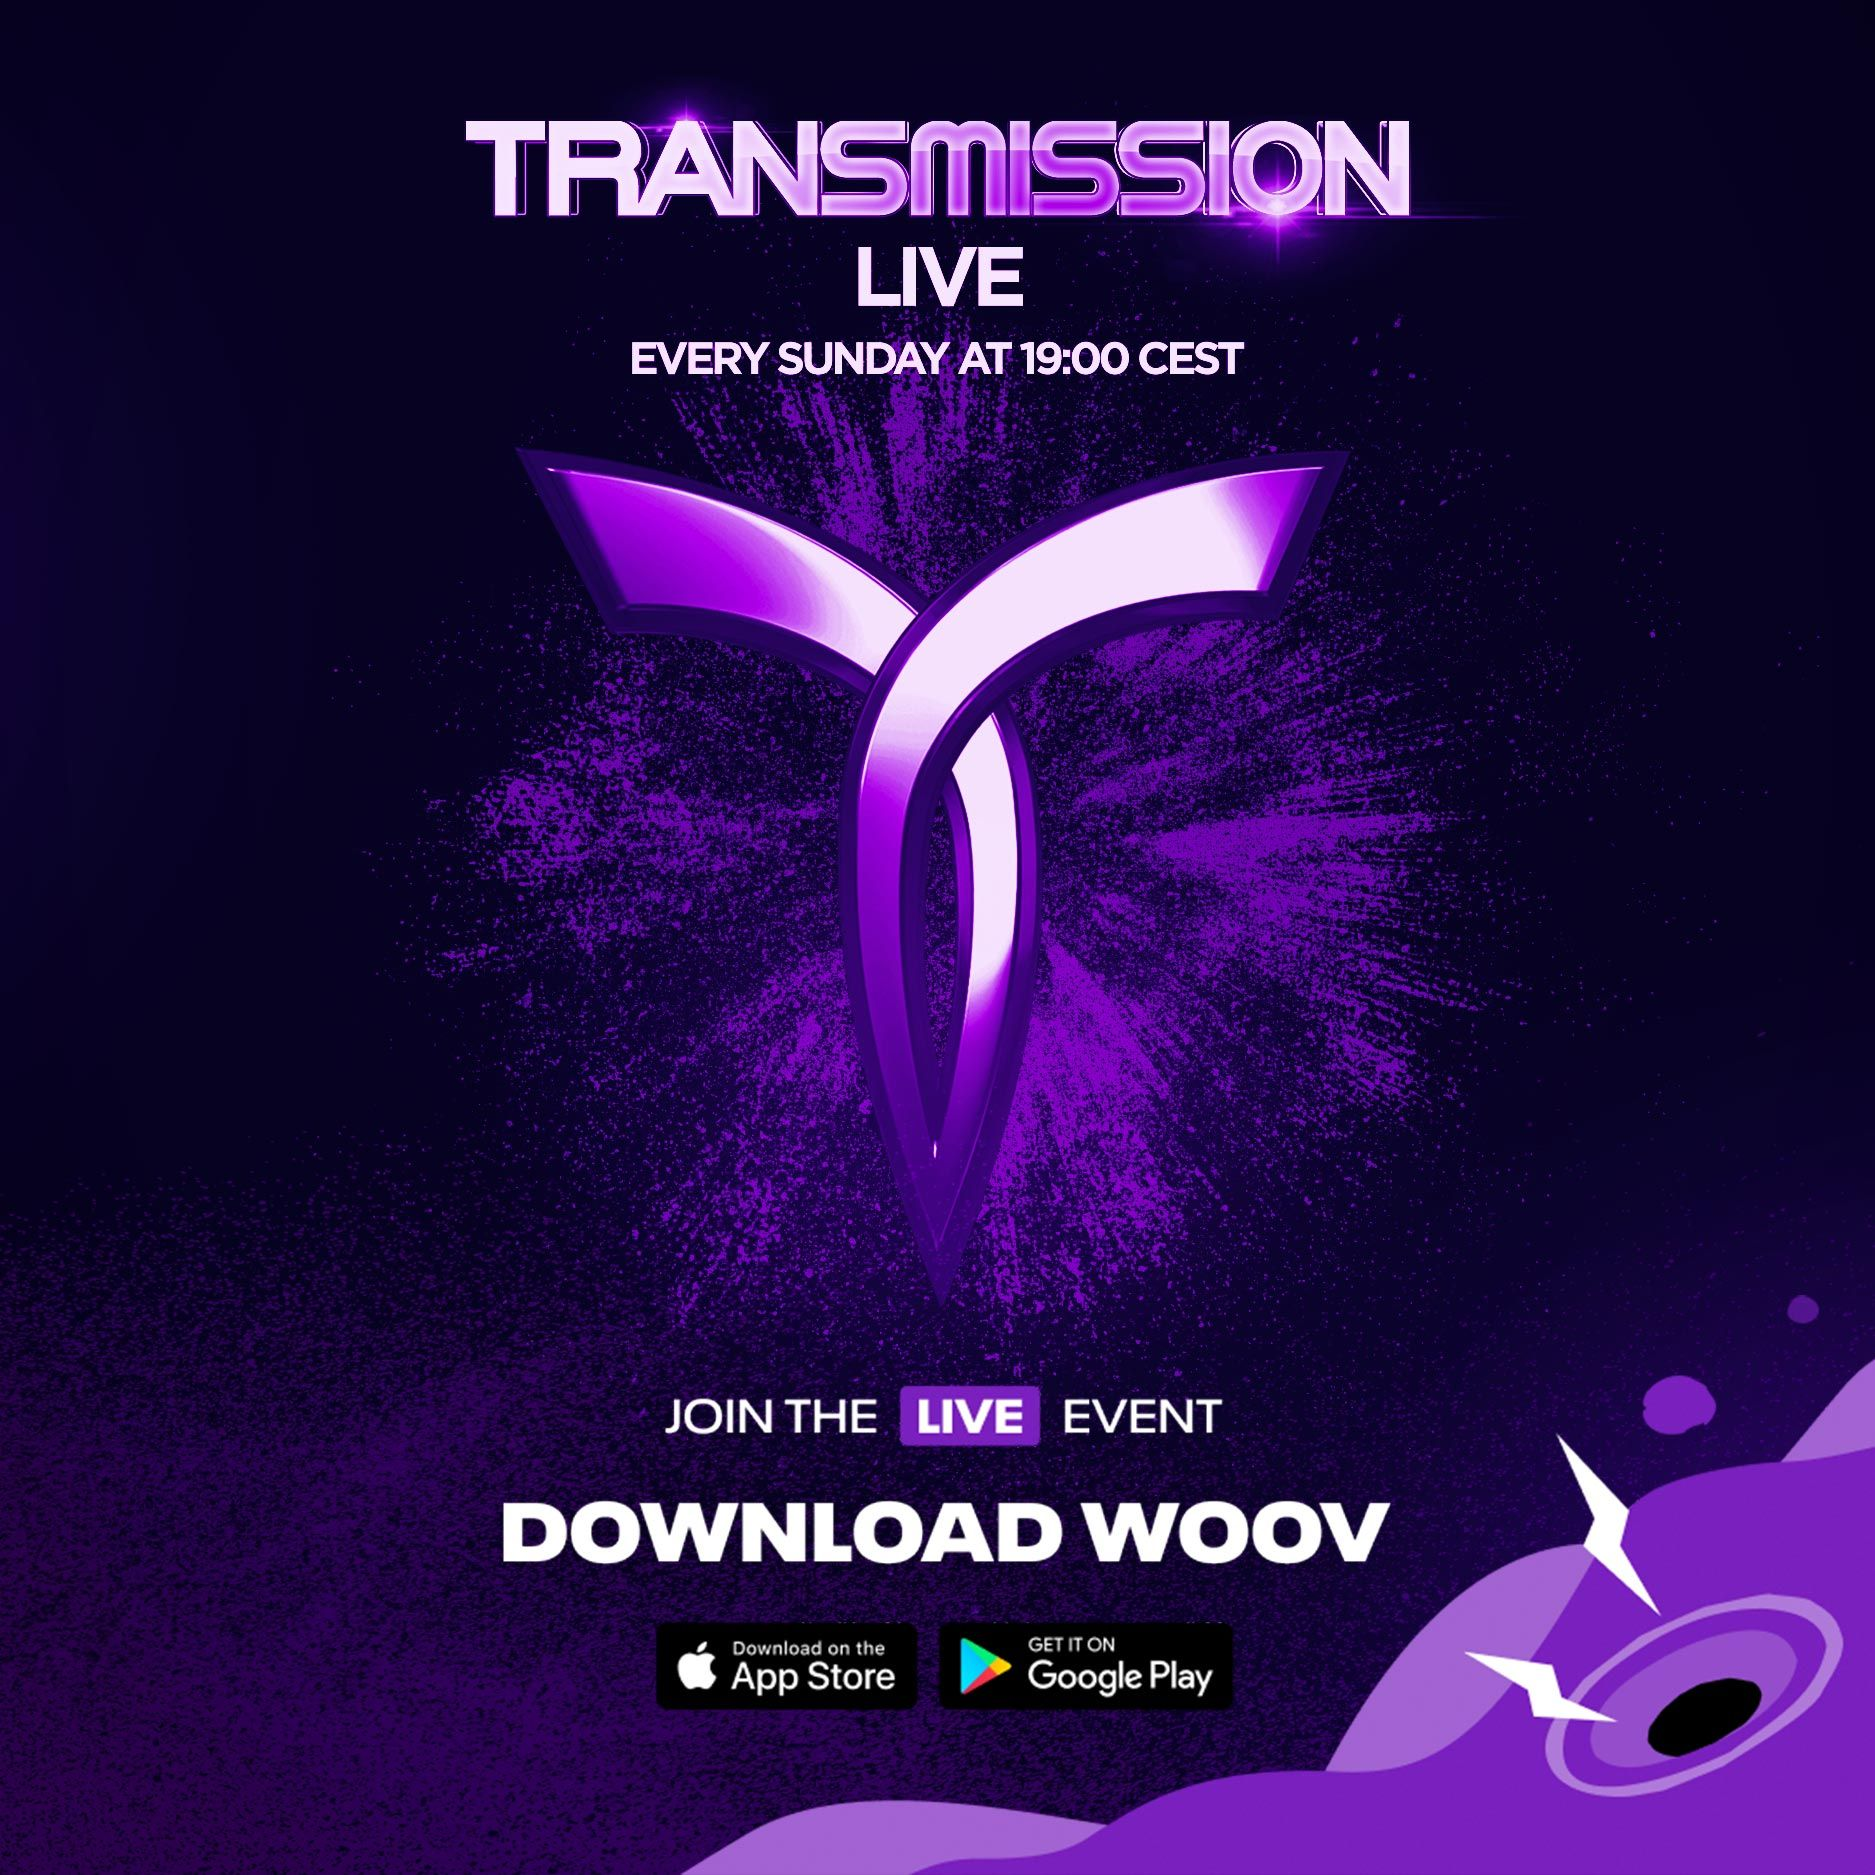 Staňte se součástí Transmission LIVE a zapařte si v pohodlí svého obýváku